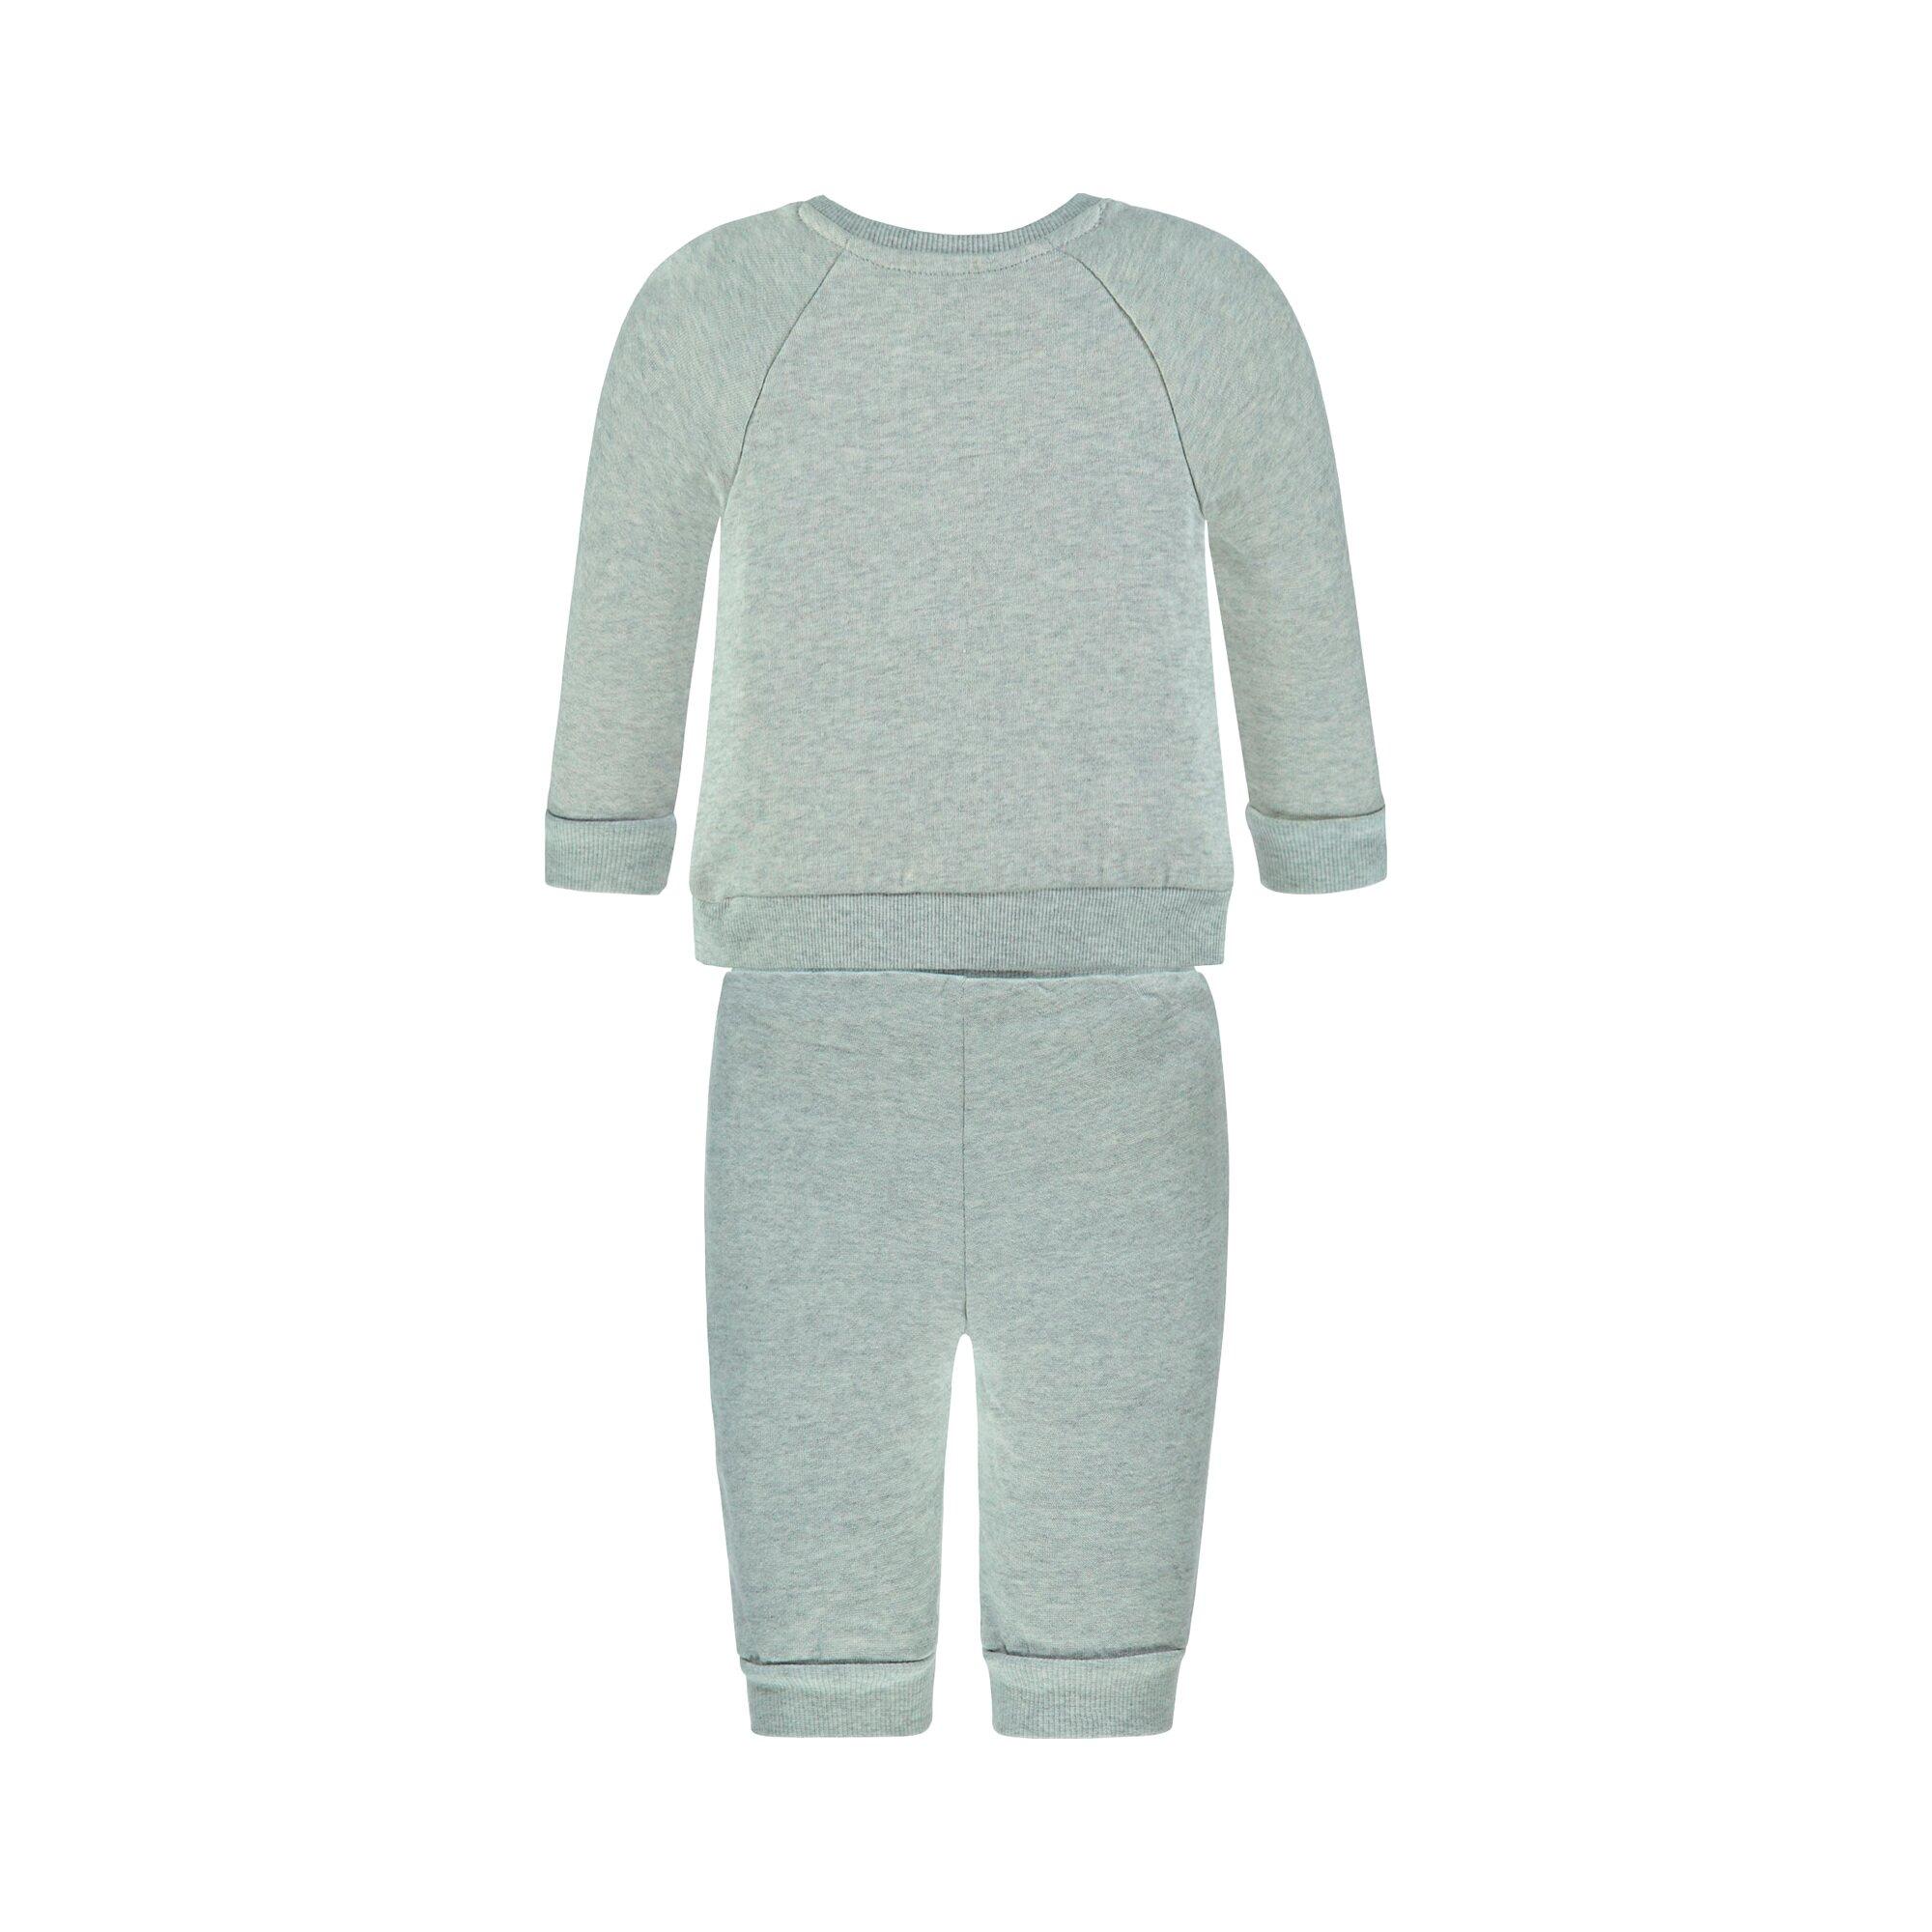 kanz-2-tlg-set-sweatshirt-und-jogginghose